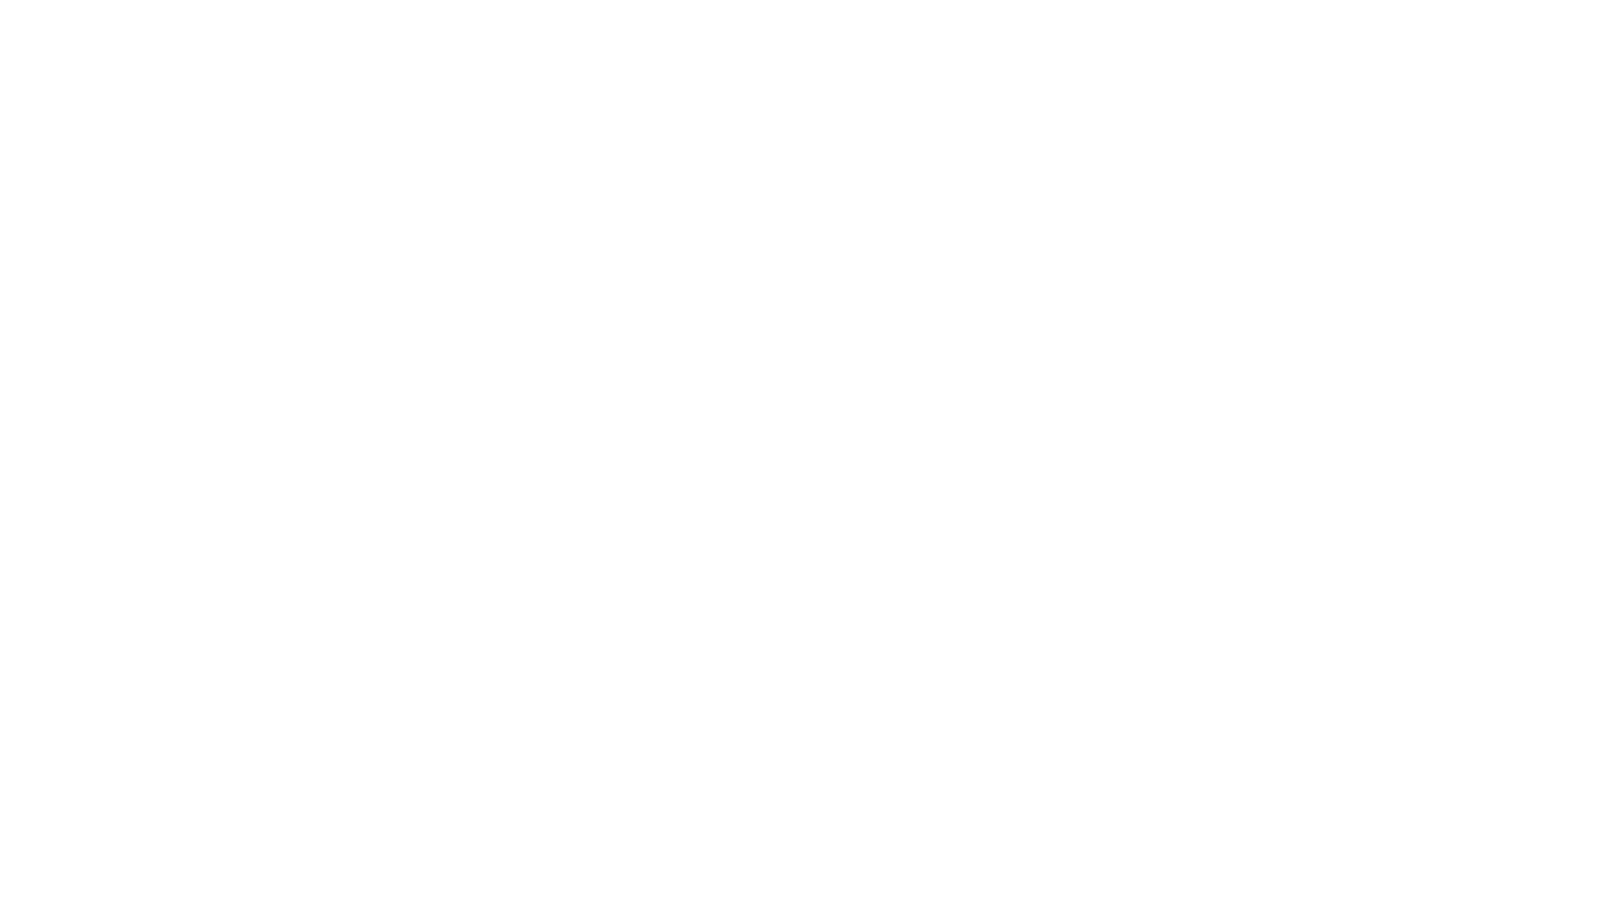 ¡Llegó el #GlobalAI Back Together 2021 de #ConoSurTech! Este Miércoles 20 y Jueves 21 de Octubre de 2021 tendrás la posibilidad de compartir junto con varios speakers experiencias sobre soluciones y servicios de #InteligenciaArtificial y #Azure. ¿Te lo piensas perder?  📌 Más info 📌  #GlobalAI Back Together 2021 de #ConoSurTech son dos jornadas dedicadas a conocer y explorar sobre lo que más disfrutamos: Inteligencia Artificial 🧠 y Azure ☁. Vamos a disfrutar de 10 charlas con expertos del tema para aprender juntos y compartir experiencias a través de aprendizaje social 👨🎓👩🎓.  📌 Datos del Evento 📌  ✅ ¿Cómo sumarte? Desde la siguiente URL 👉 https://globalai.conosur.tech/  ✅ Agenda del Evento 👉 https://globalai.conosur.tech/agenda  ✅ Recibe ayuda sobre Azure en nuestro grupo de Facebook 👉 https://www.facebook.com/groups/aienespanol/  📌 Sobre ConoSur.Tech 📌  #ConoSurTech es una iniciativa para conectar, difundir y brindar recursos a comunidades de #tecnología.  🔴 Sitio Web: https://conosur.tech 🔴 Twitter: https://twitter.com/conosurtech 🔴 Facebook: https://www.facebook.com/ConoSurTech 🔴 Instagram: https://www.instagram.com/conosurtech/ 🔴 LinkedIn: https://www.linkedin.com/company/conosurtech  ⚠ Si necesitas ayuda sobre ConoSur.Tech puedes encontrarla en https://ayuda.conosur.tech/